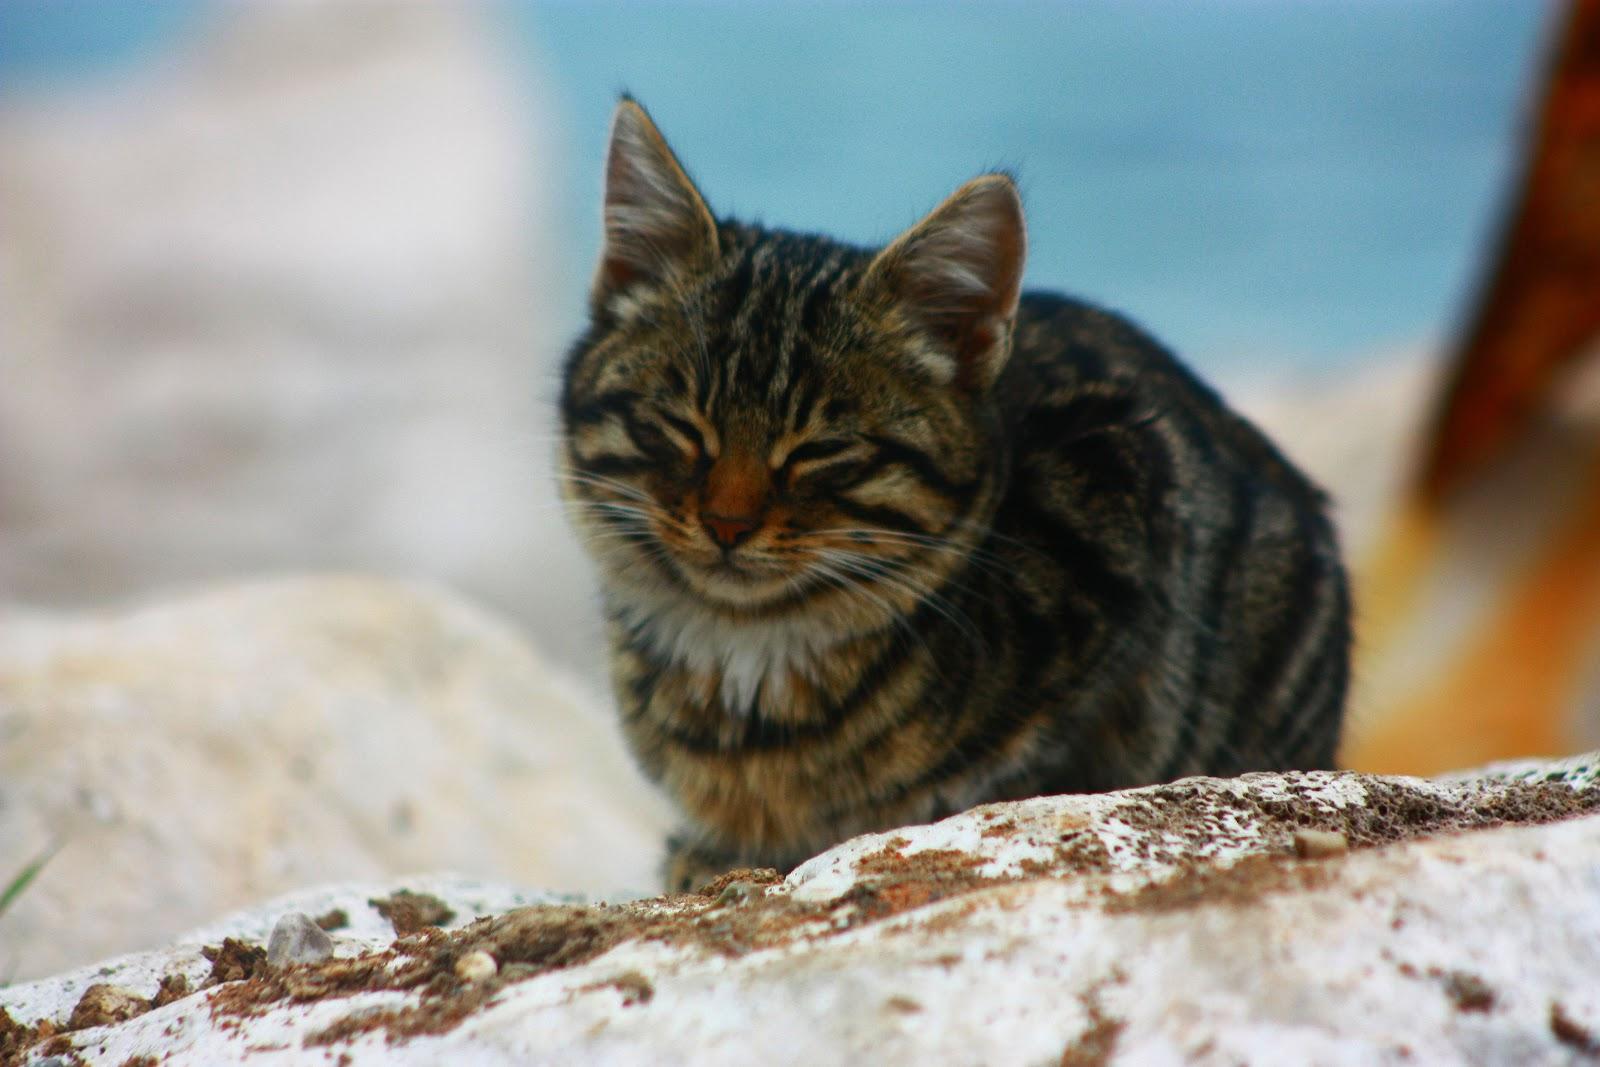 Wallpaper Cute Cats Kittens Cute Cats 5 Cute Cats